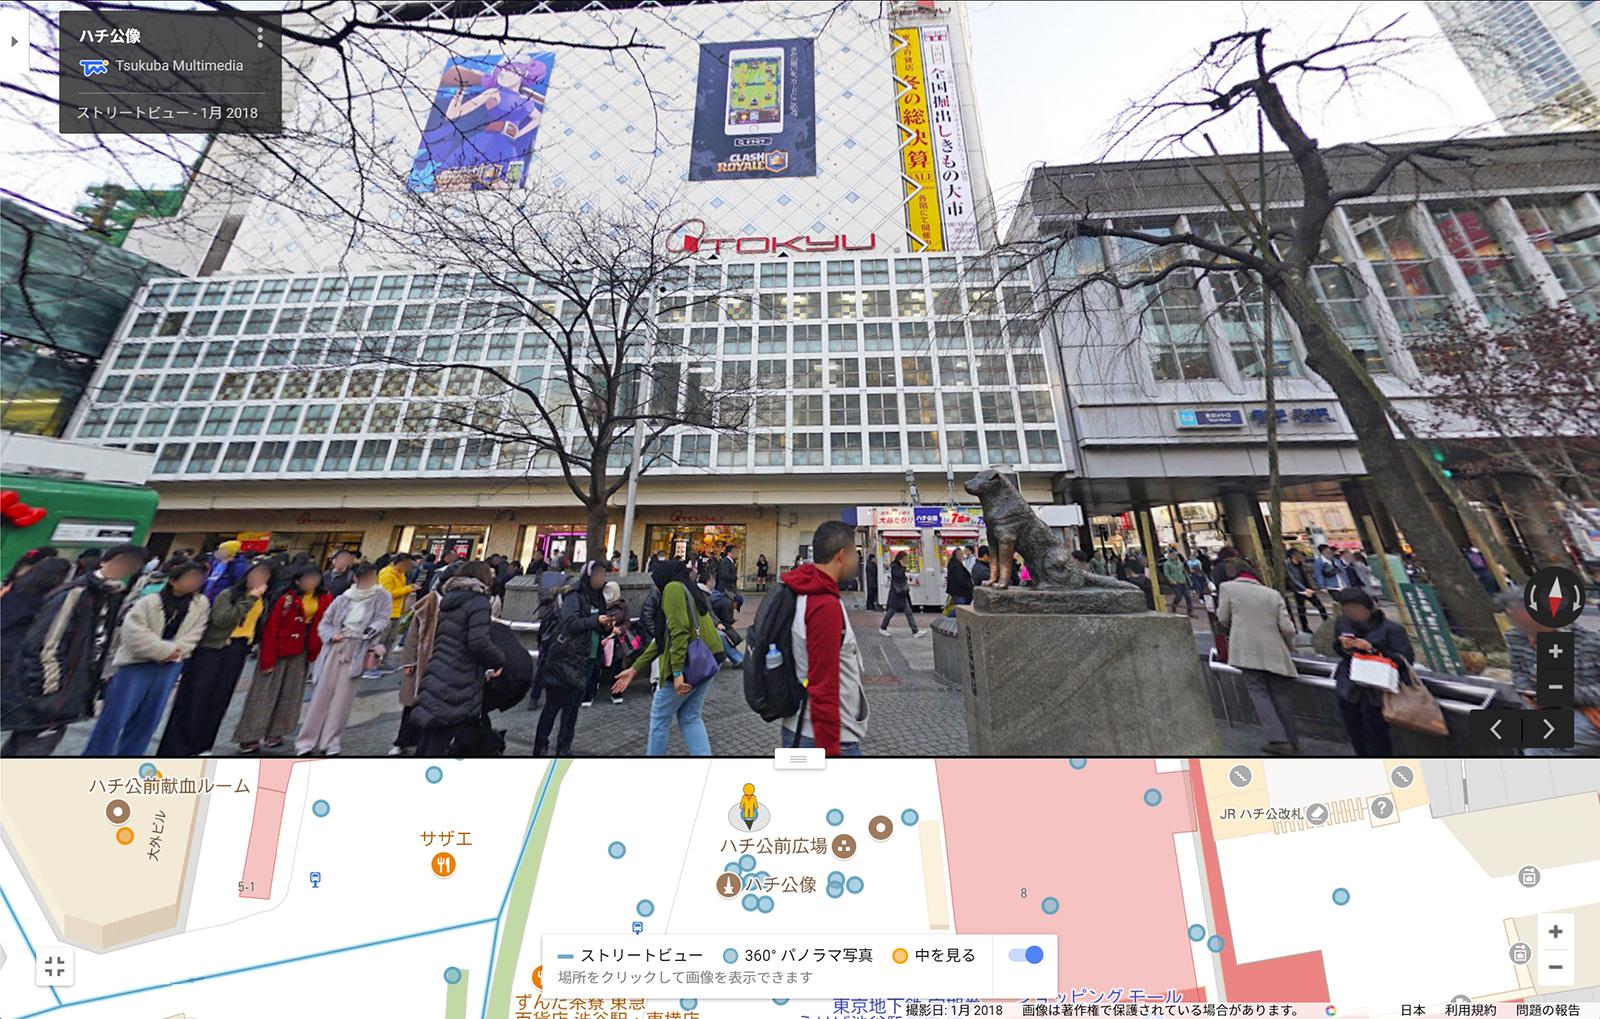 渋谷駅ハチ公前広場のストリートビュー写真2